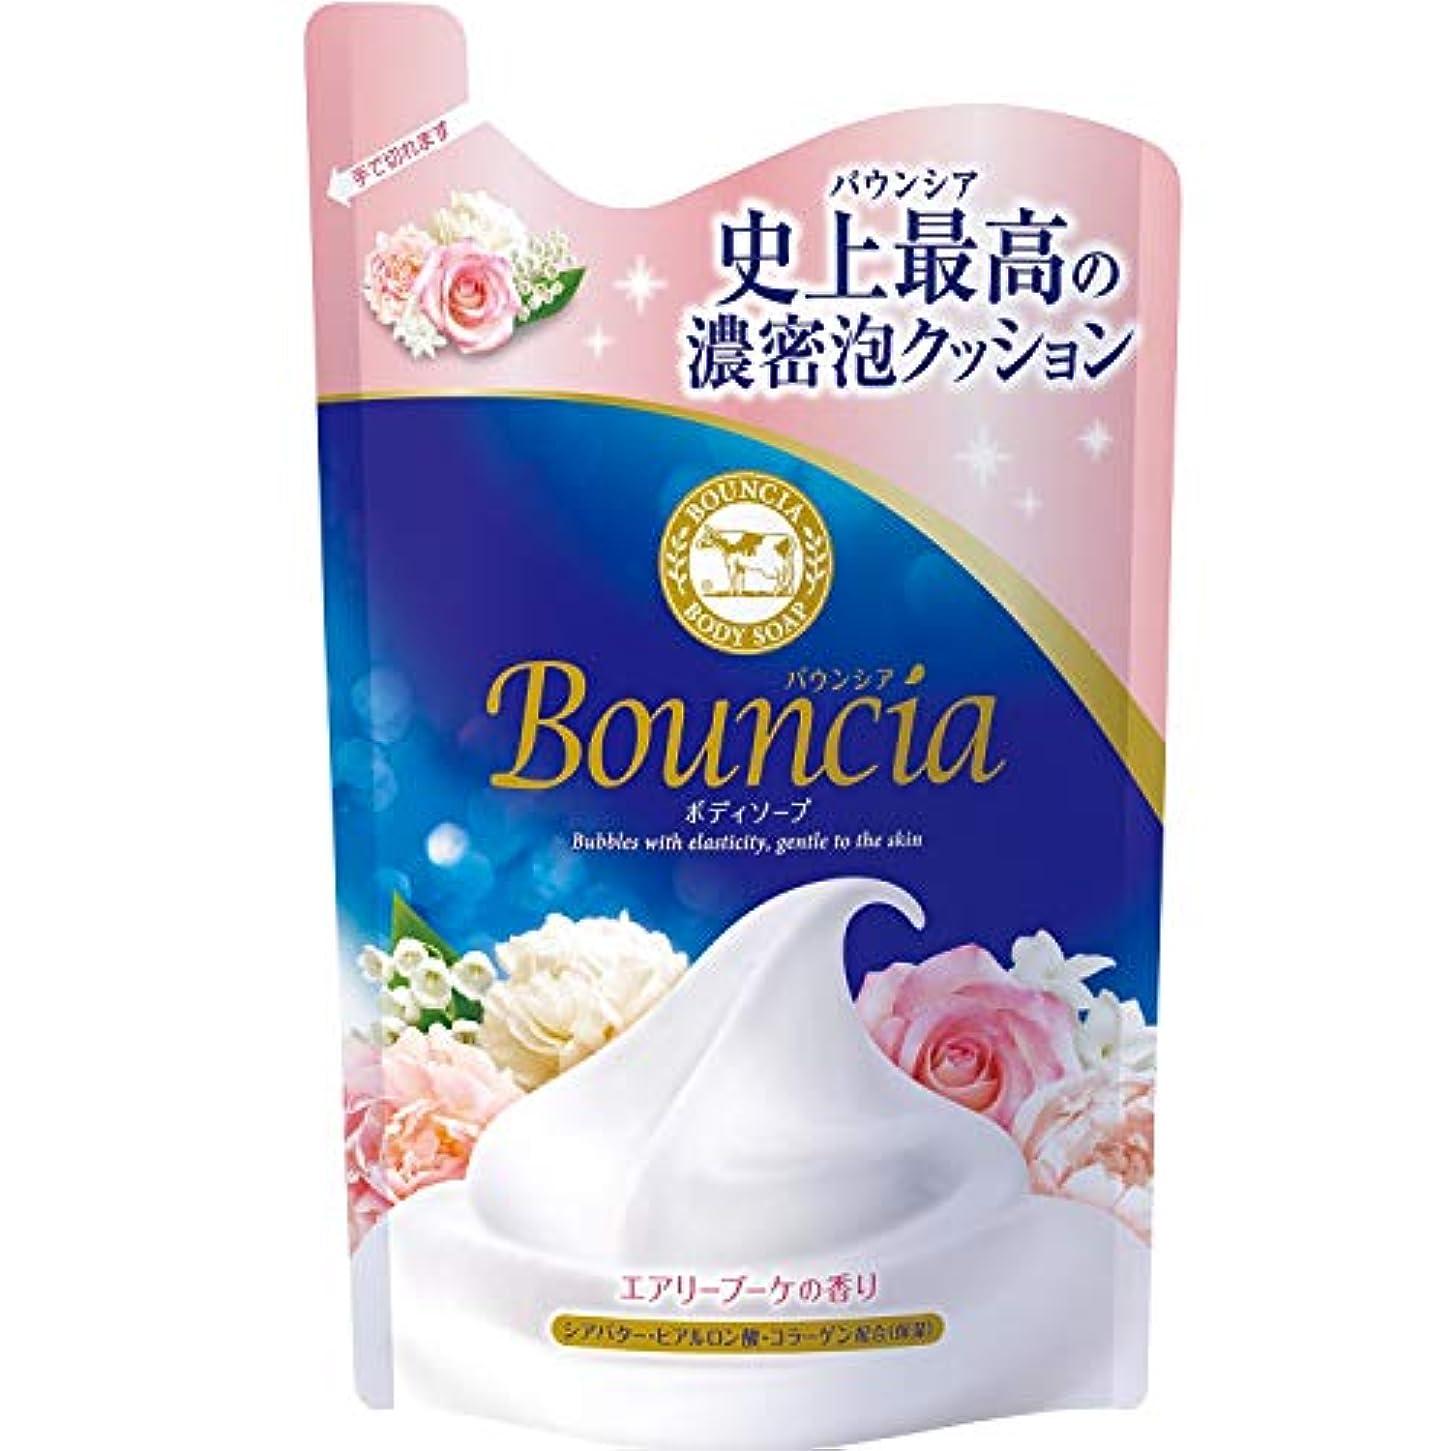 サポートシェード望ましいバウンシア ボディソープ エアリーブーケの香り 詰替 400mL